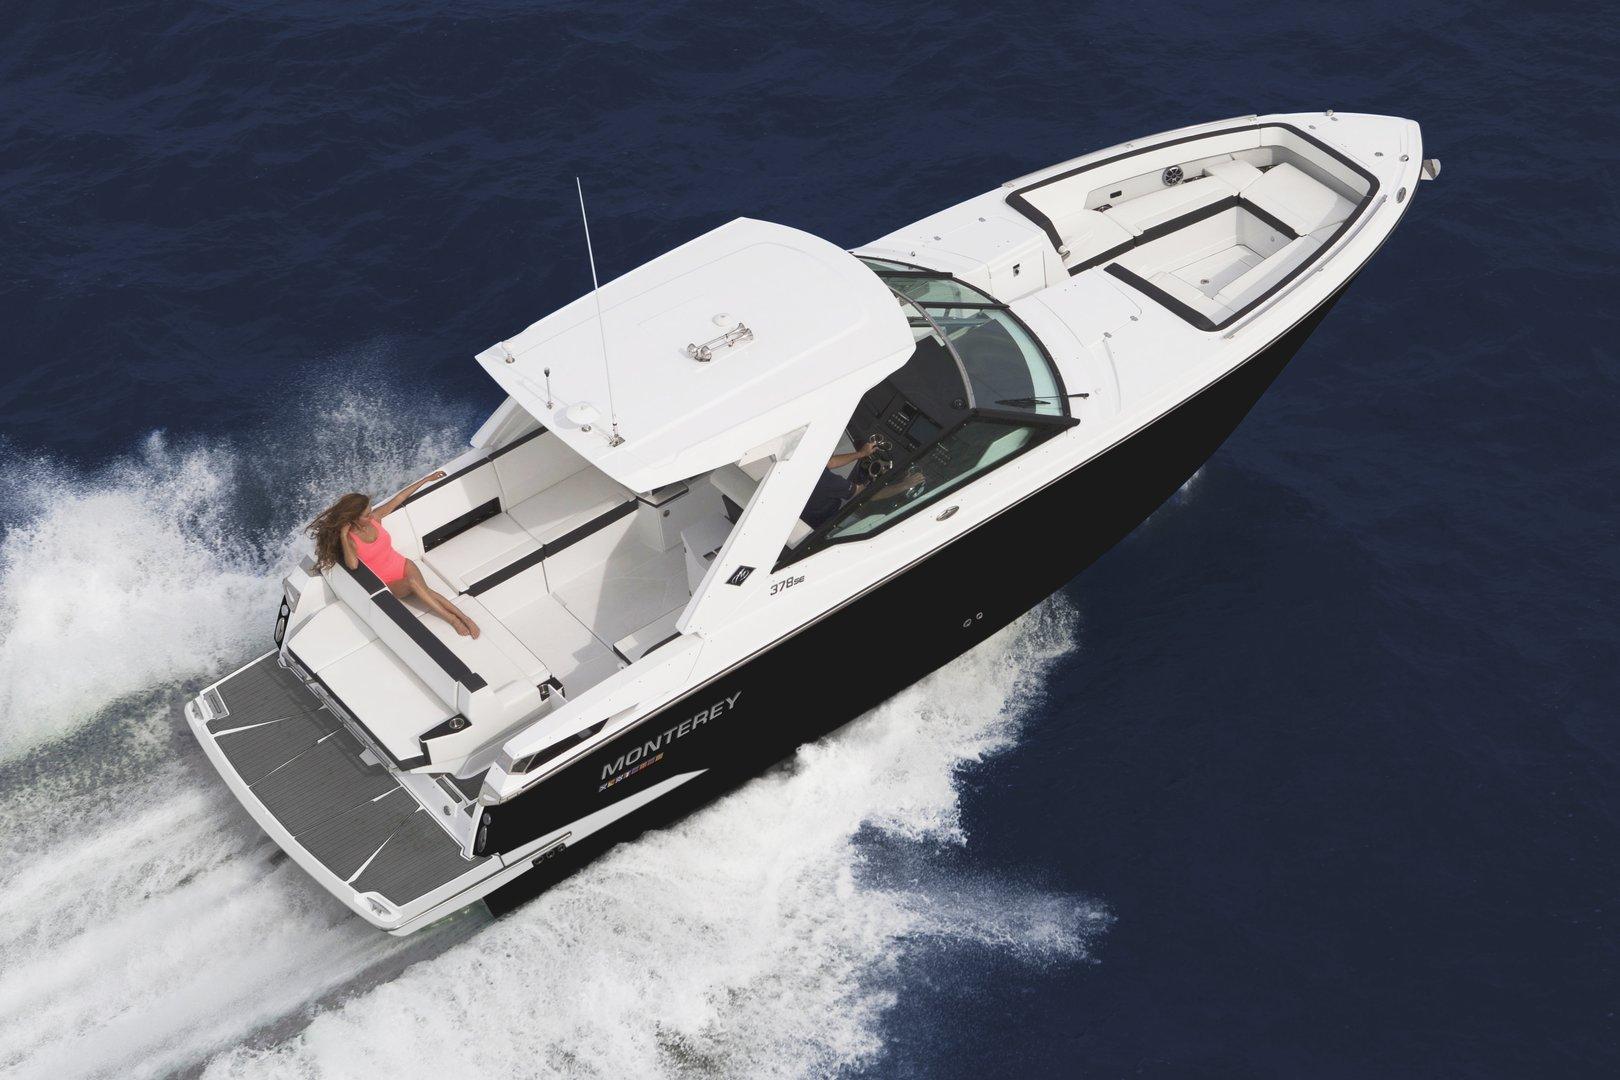 378 SE de Monterey Boats, majestuoso, noble y seductor